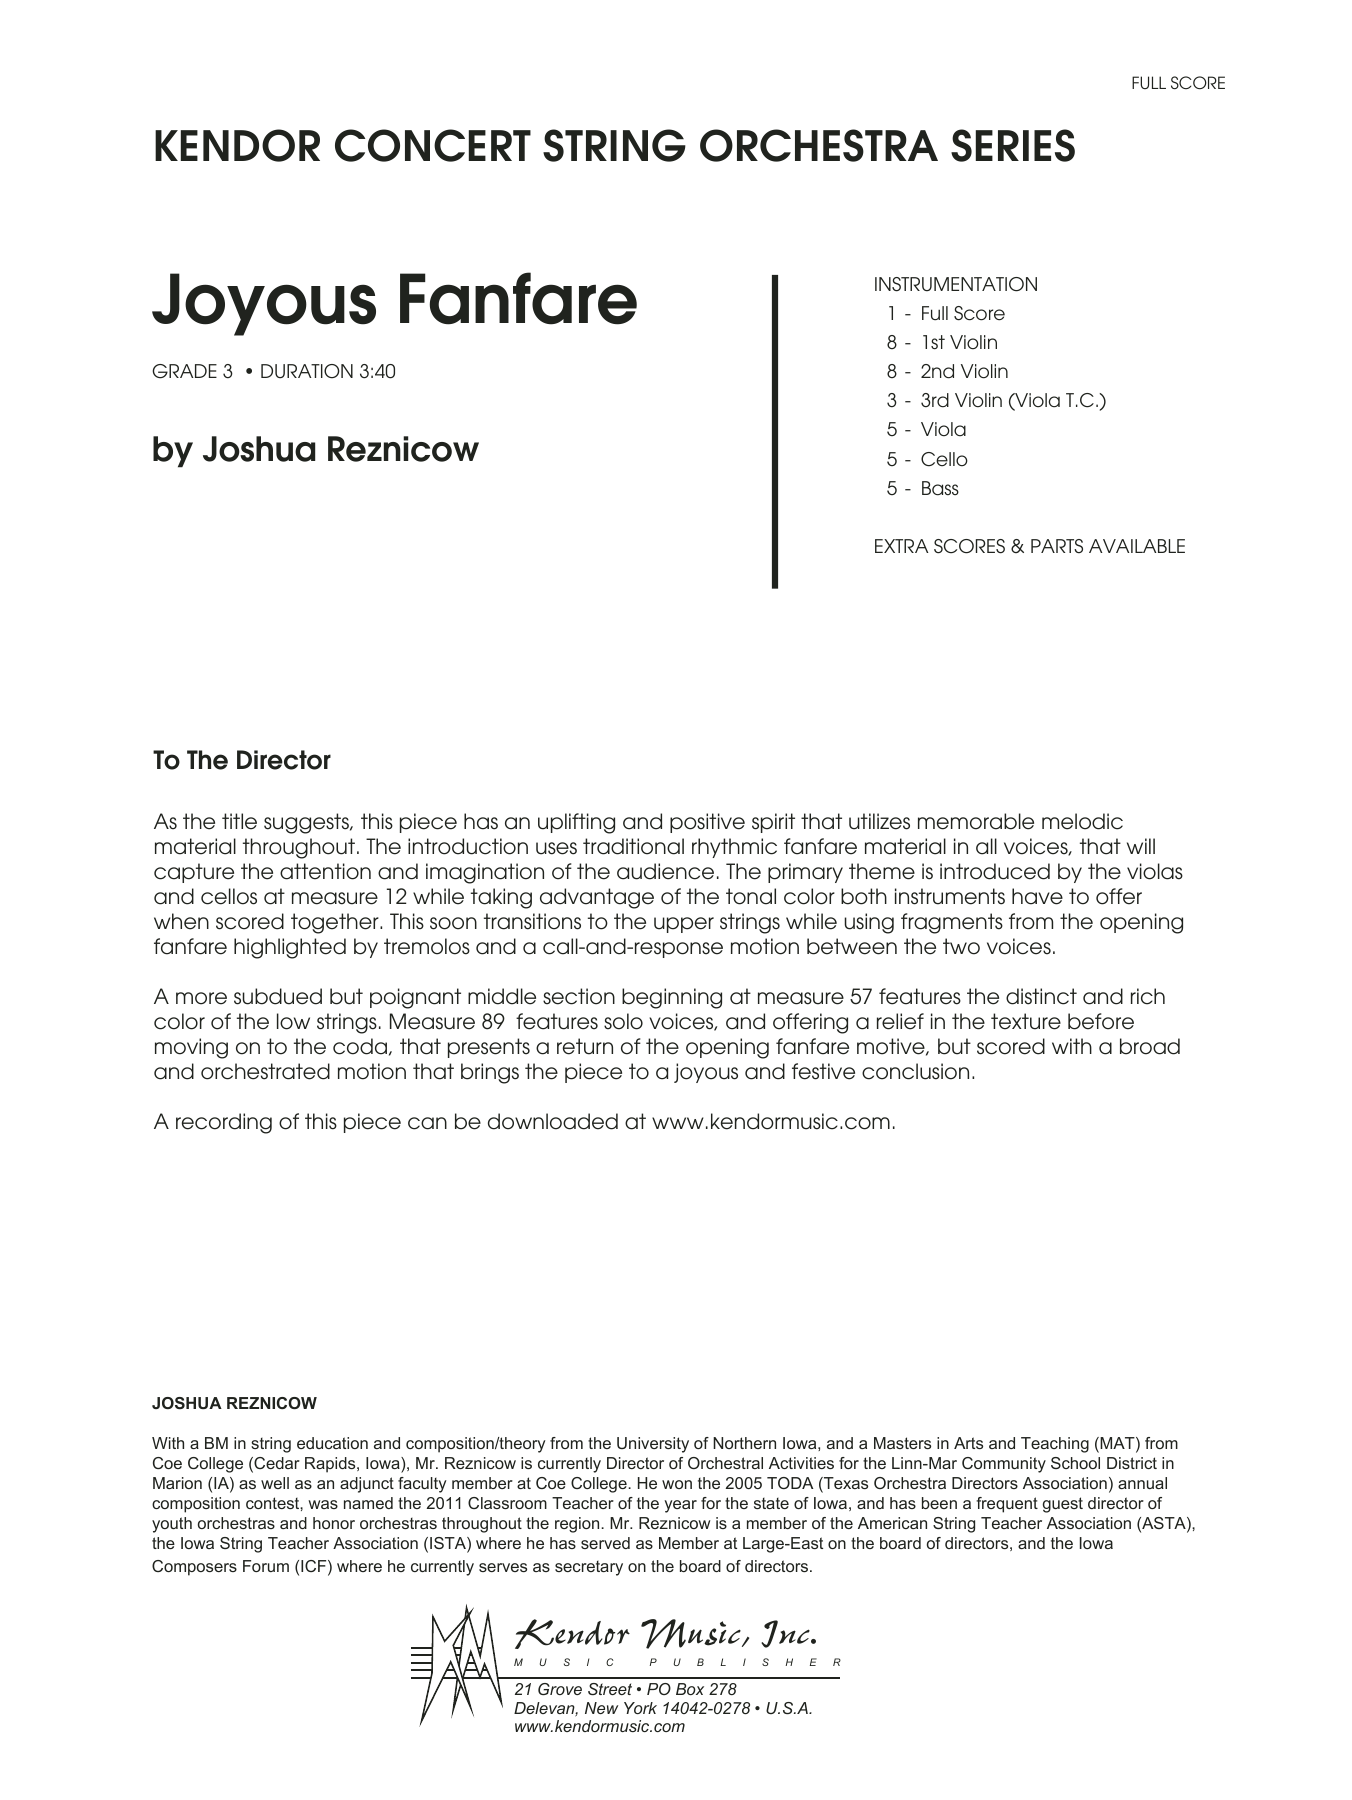 Joyous Fanfare - Full Score